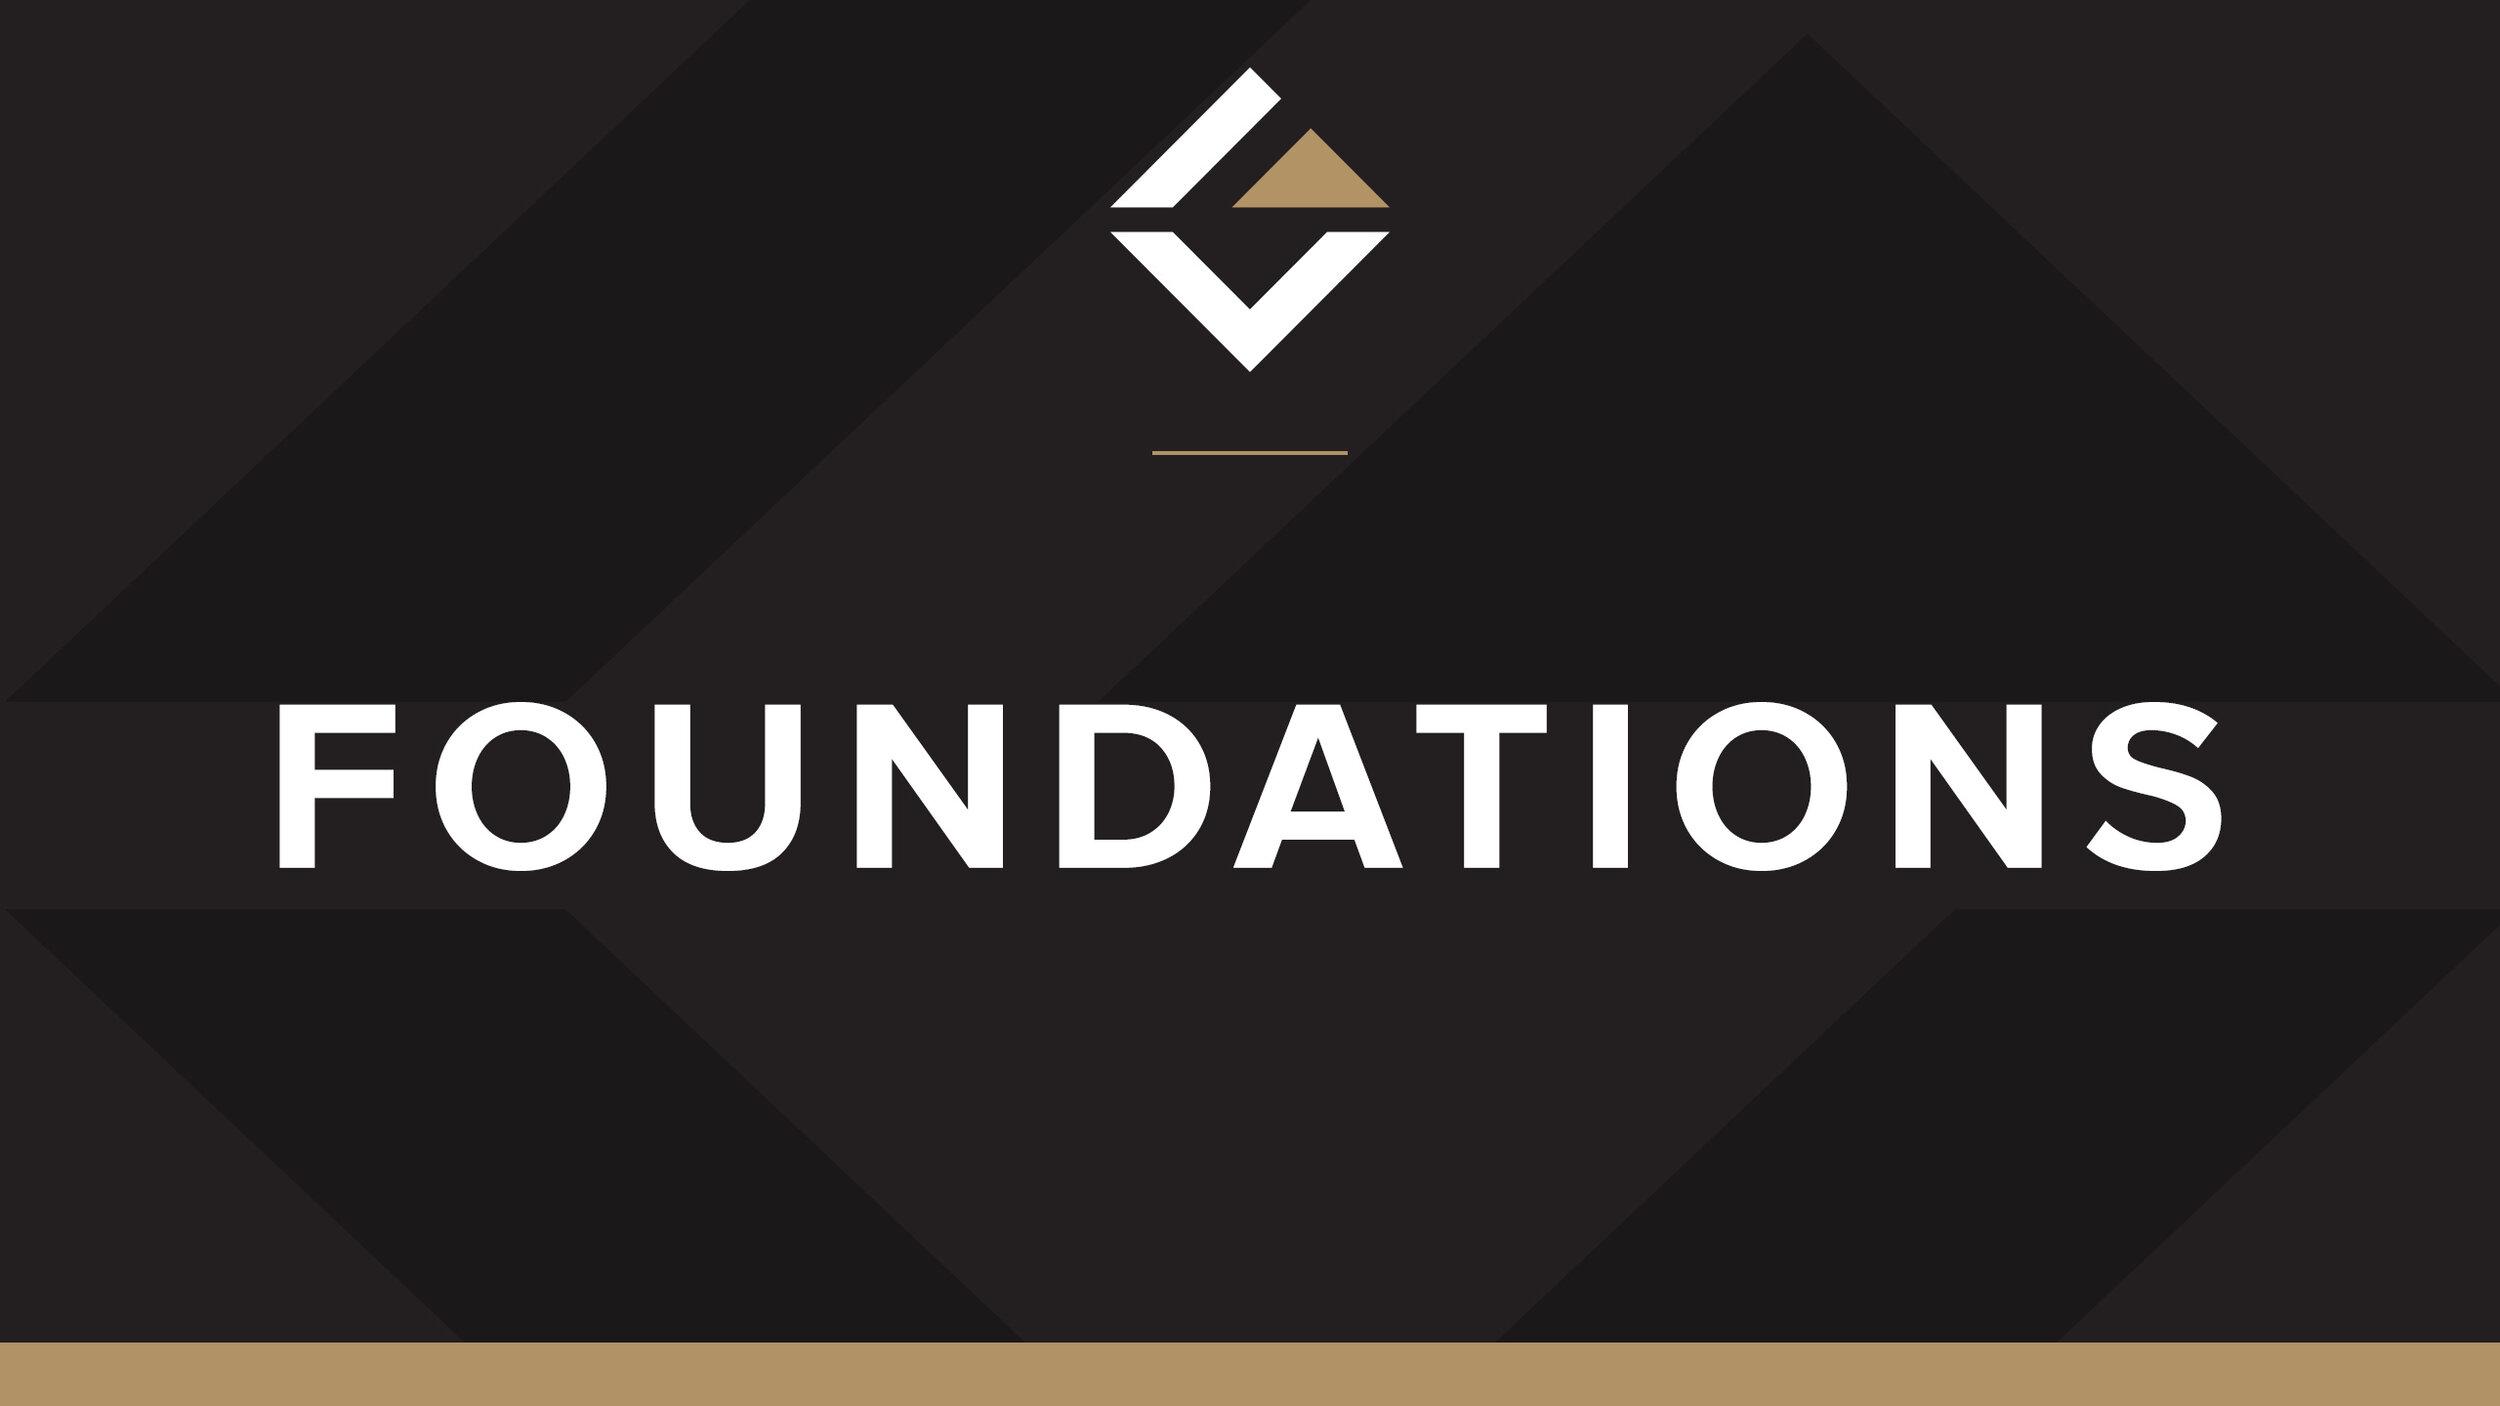 Foundations_website.jpg